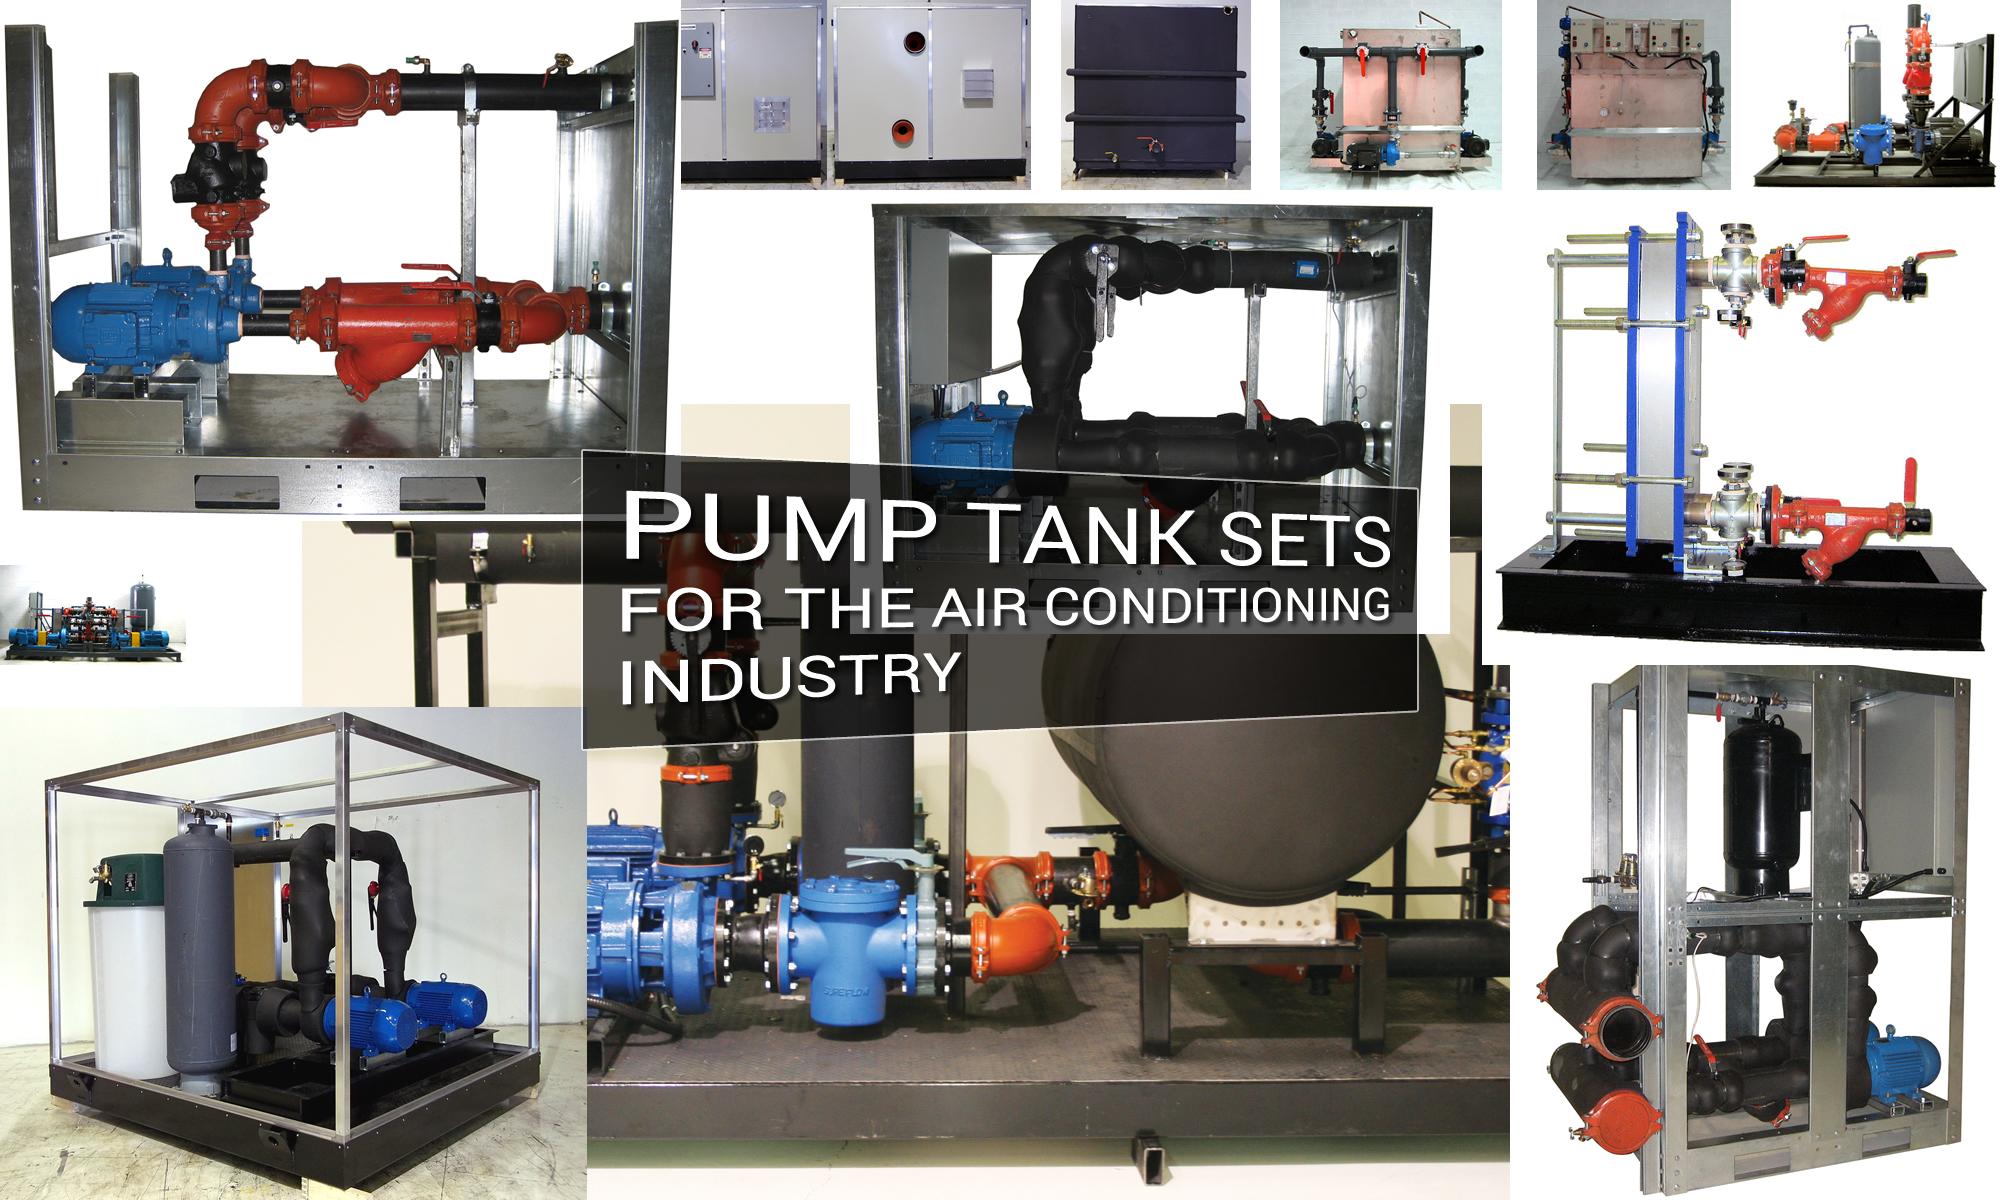 Pump Tank Sets